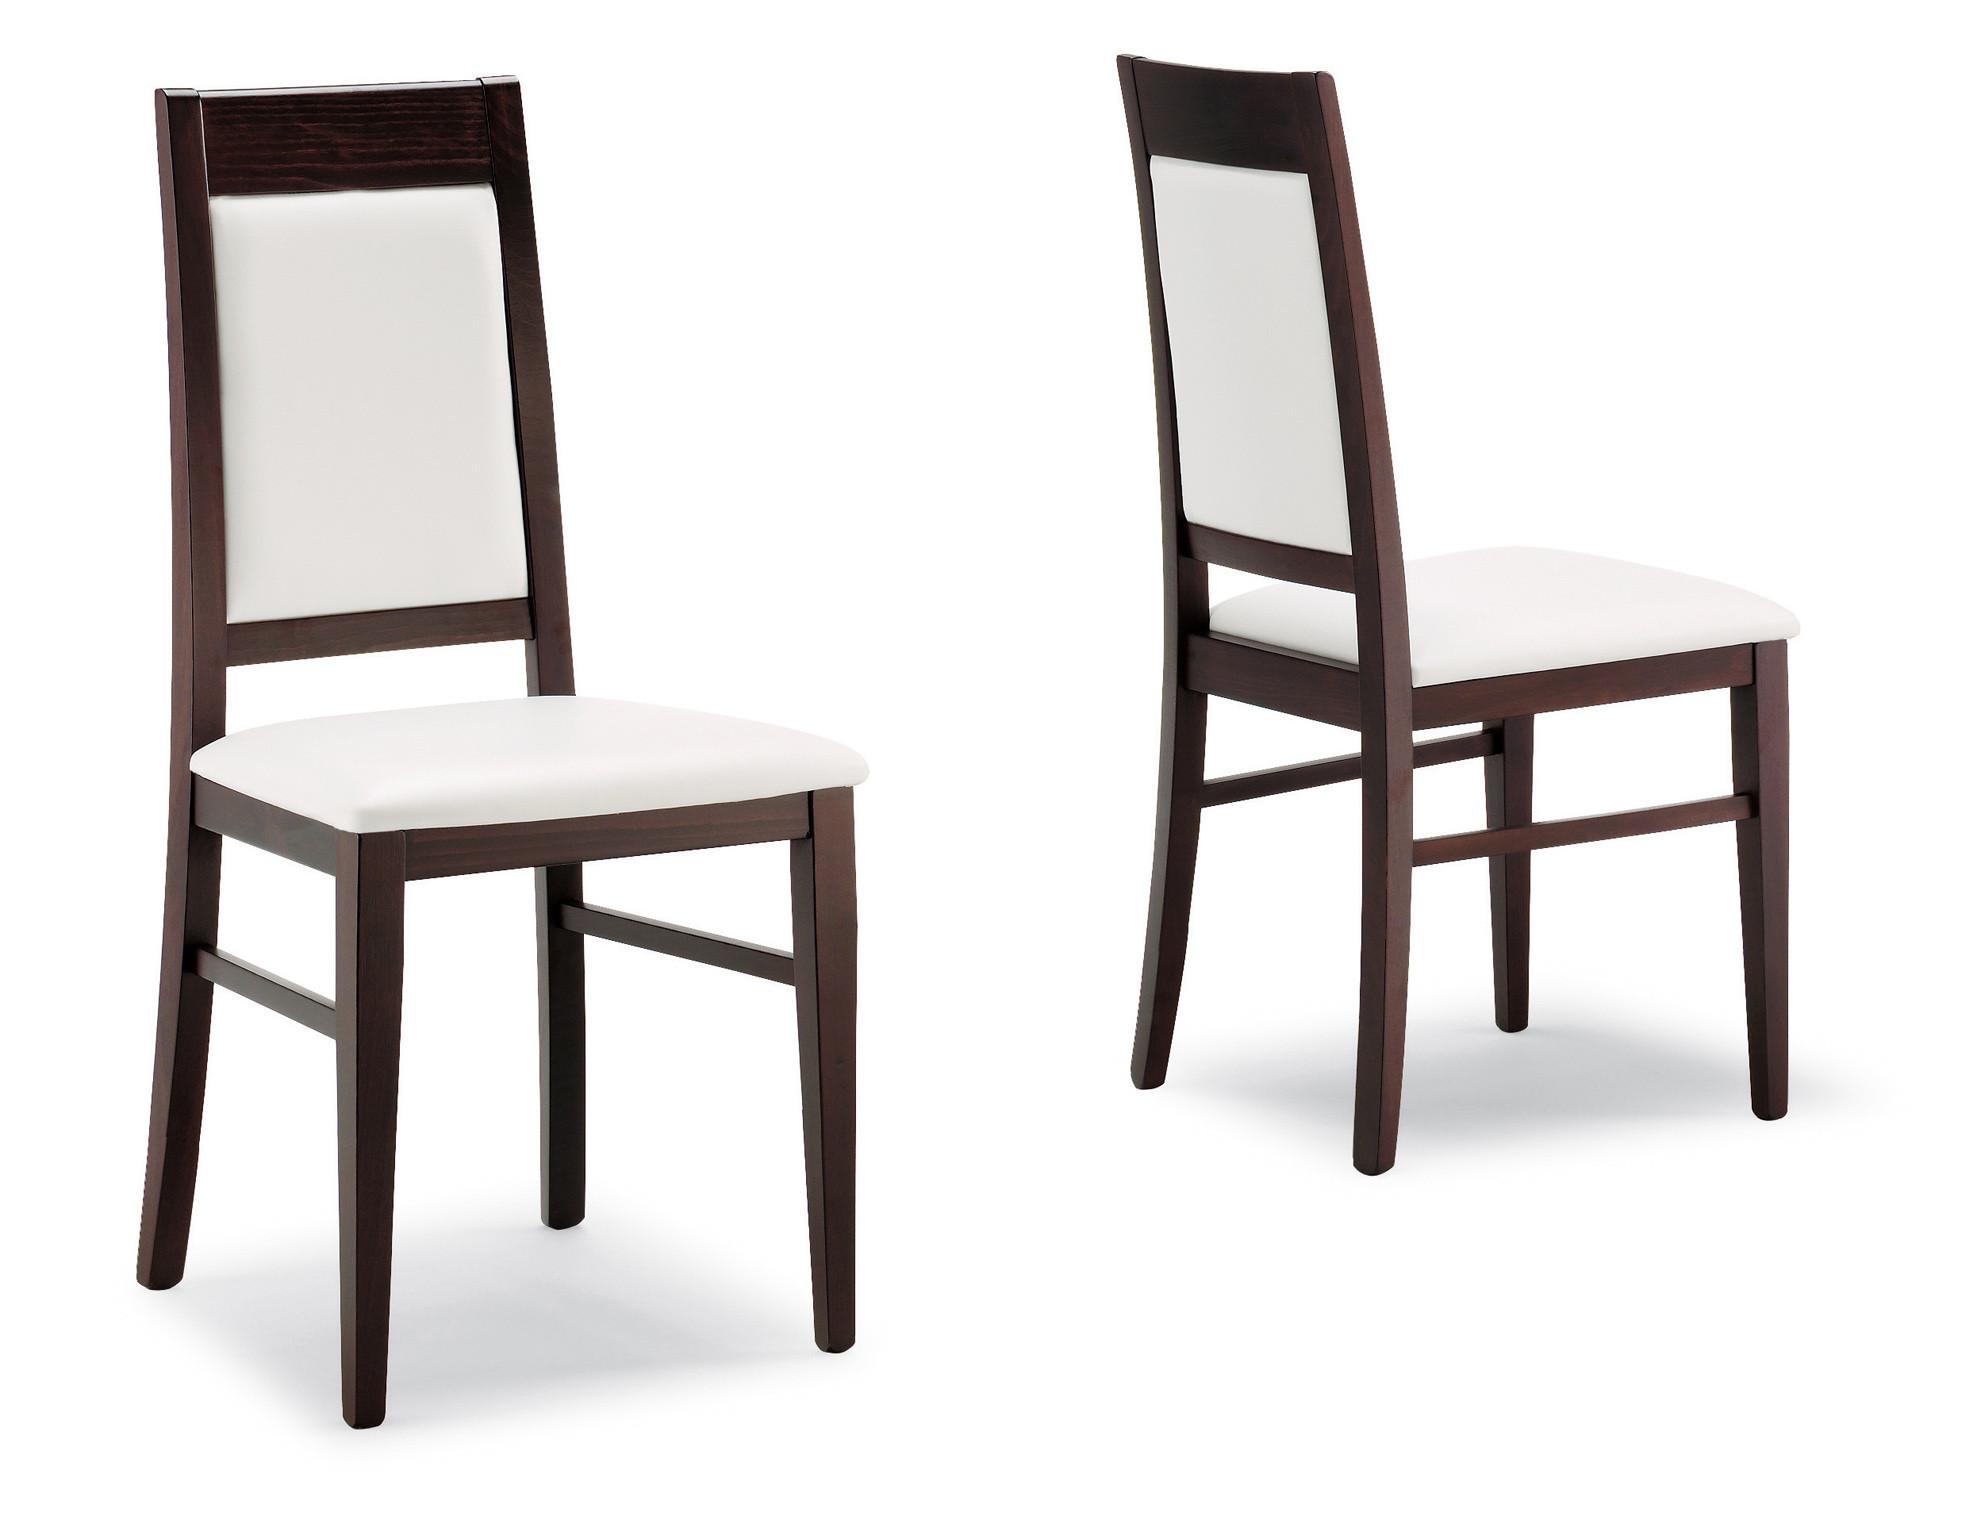 Sedia moderna in legno capua per sala da pranzo bar for Vetrina per sala da pranzo moderna